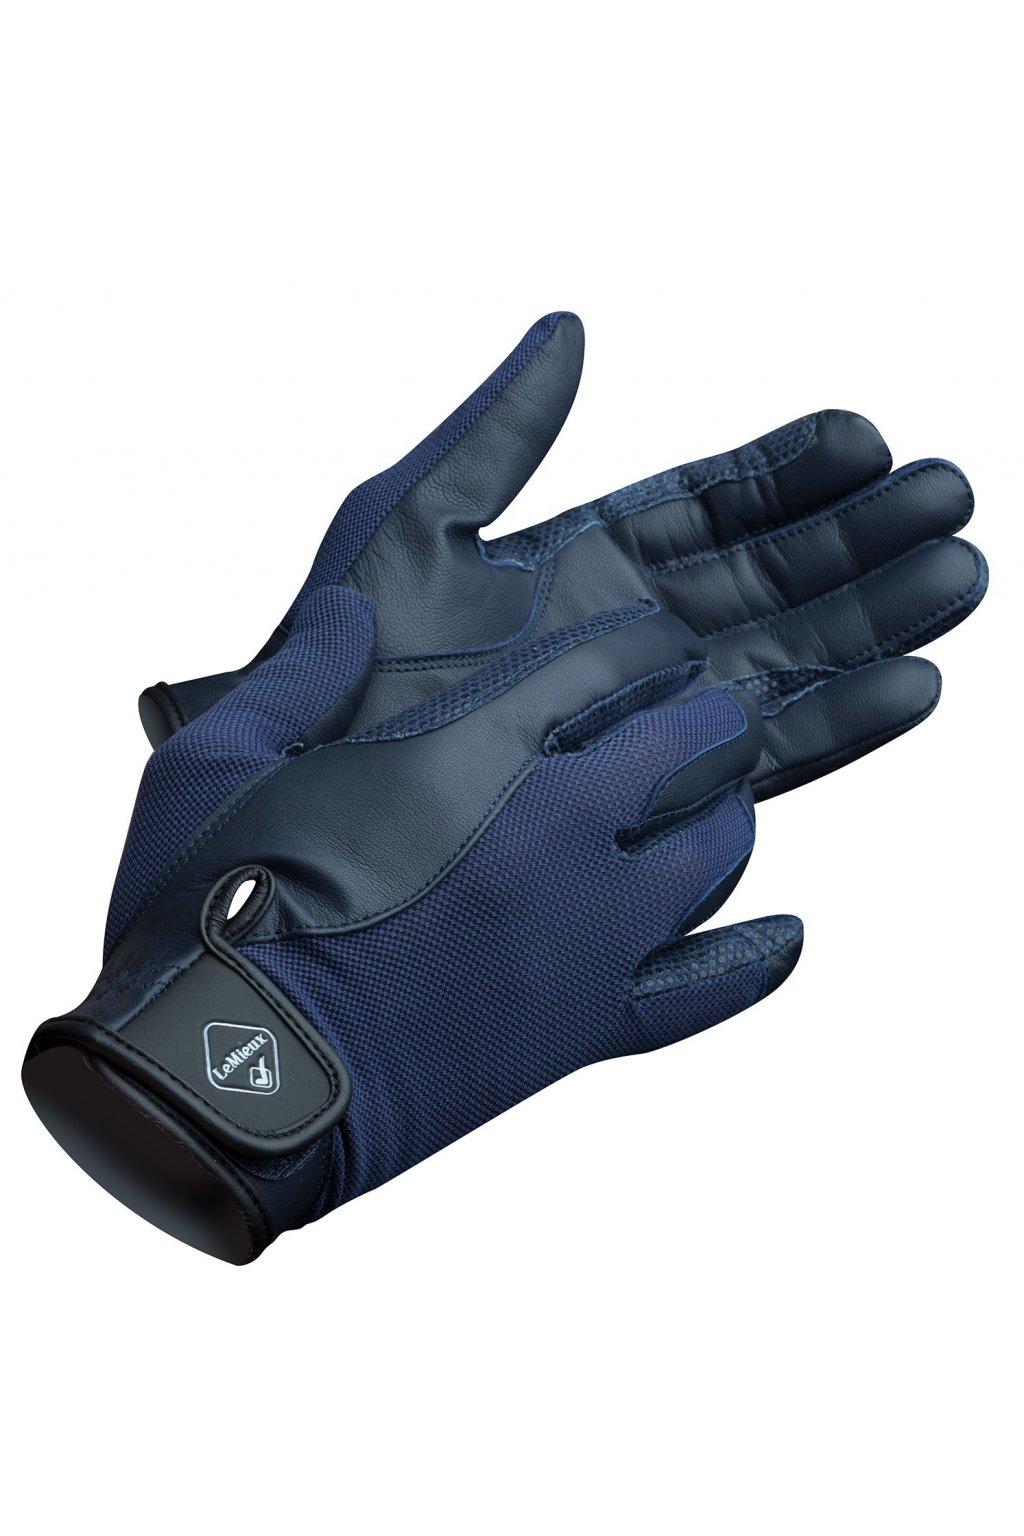 Jezdecké rukavice Pro Touch Performance LeMieux